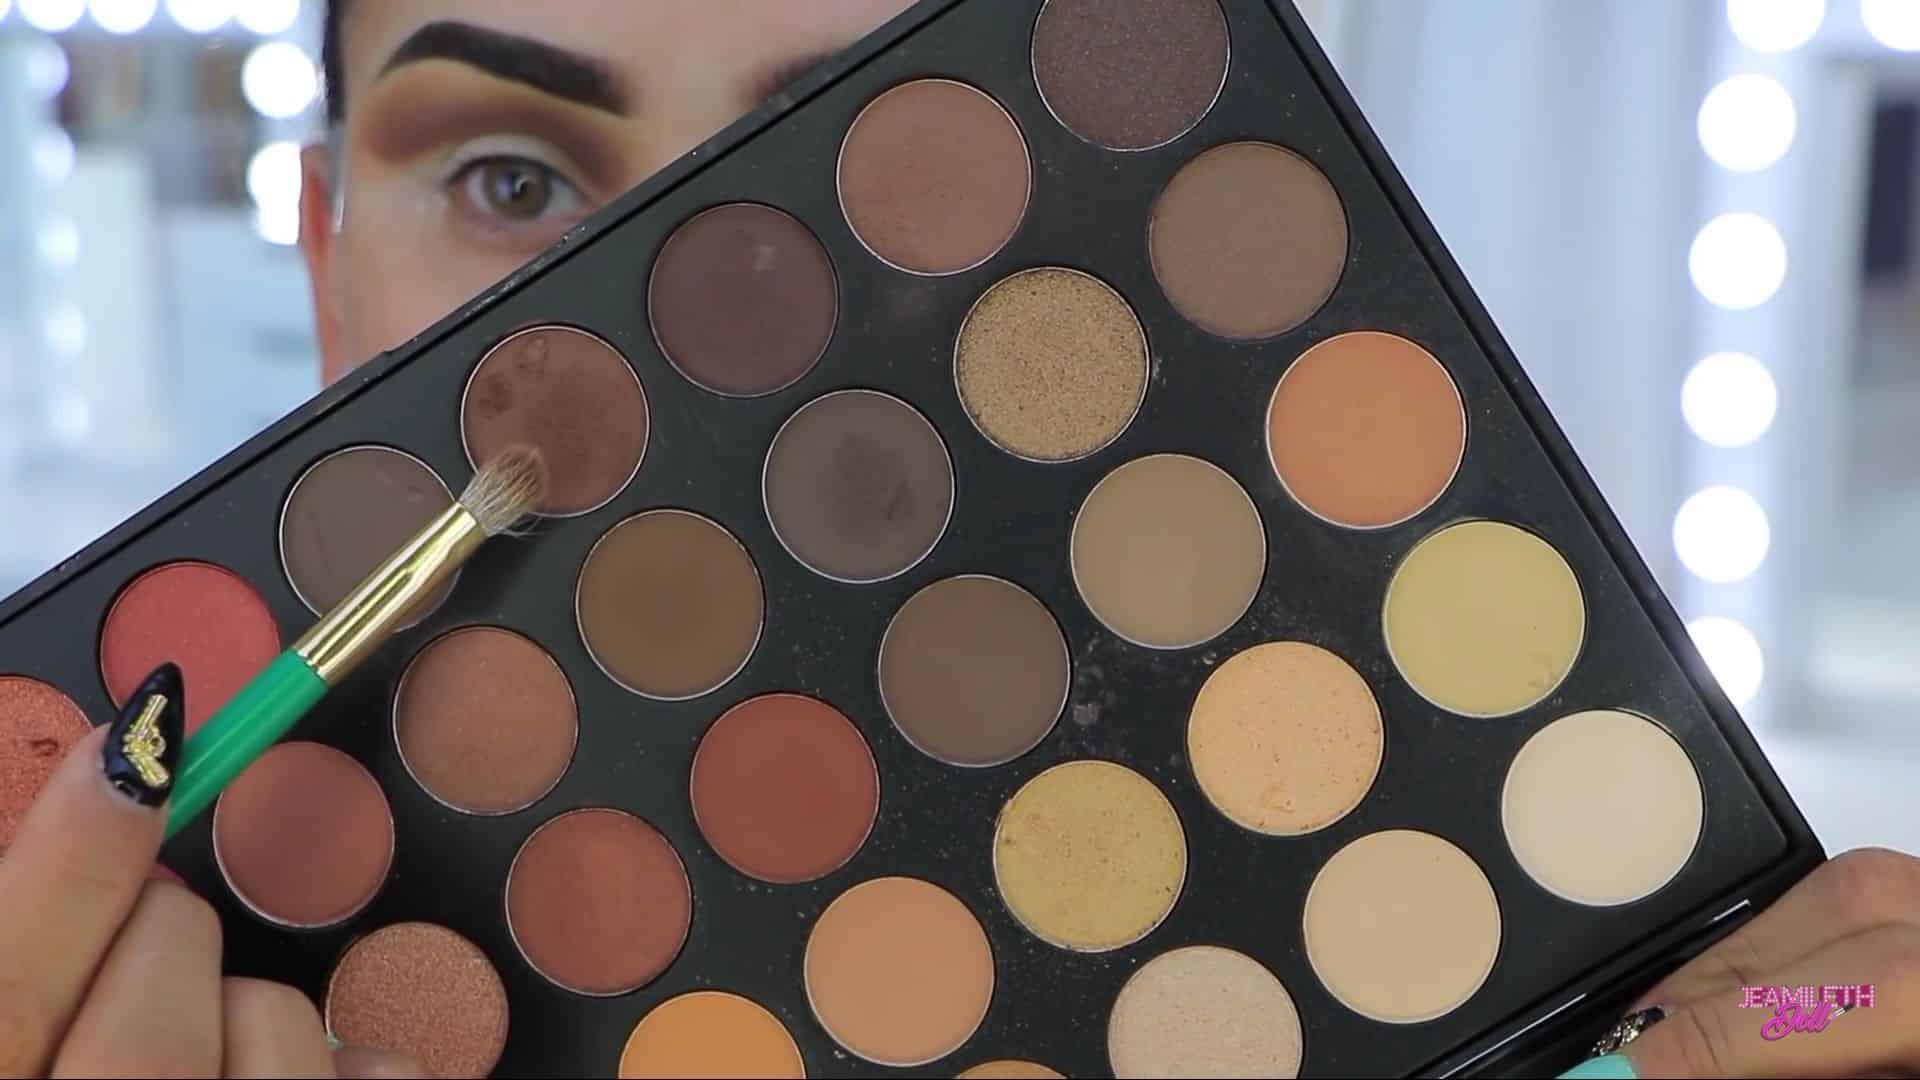 Maquillate como Jasmine facil y rapido Jeamileth Doll 2020, marrón mate para degradar el maquillaje del ojo